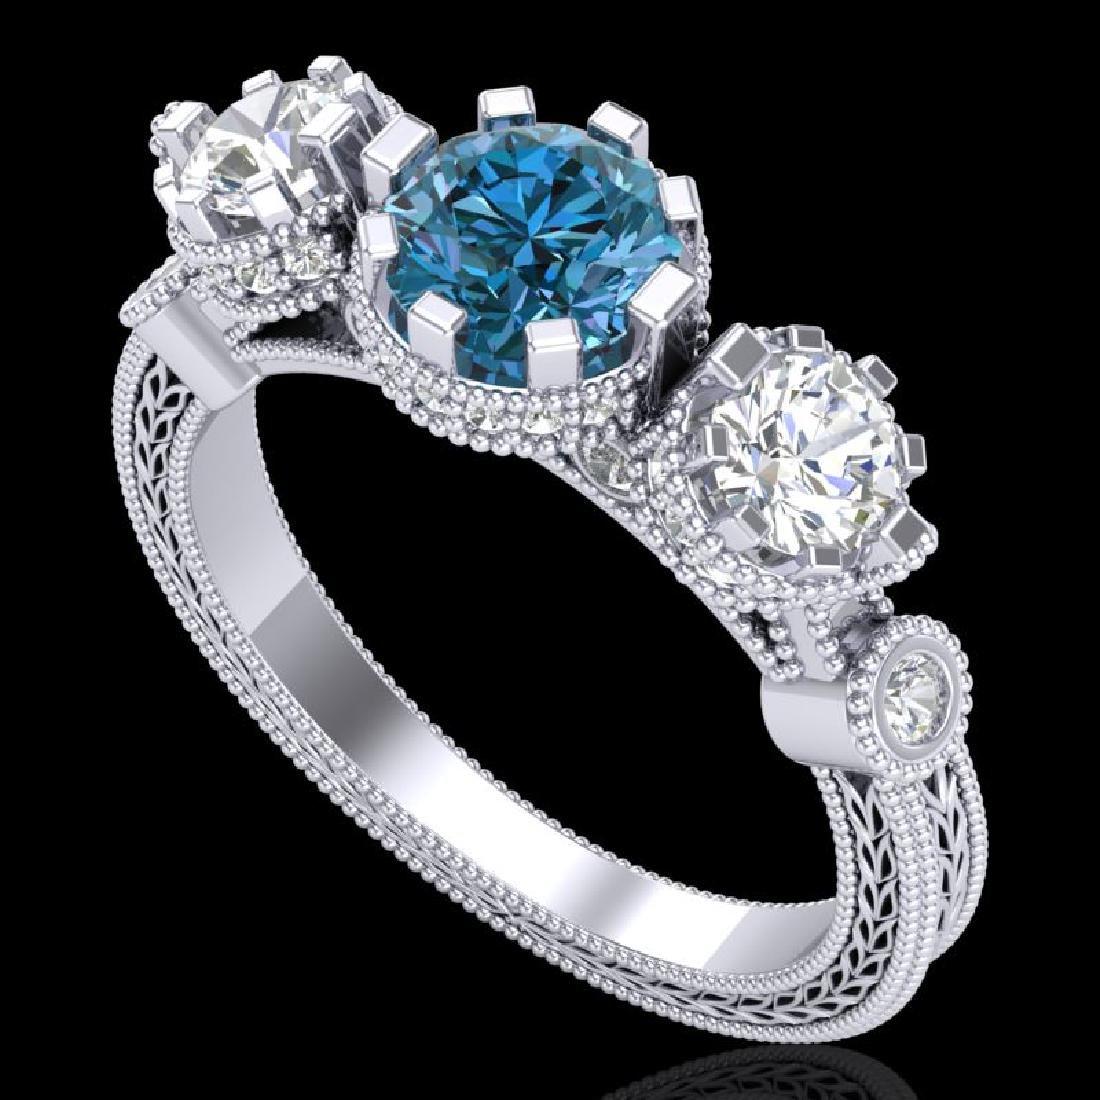 1.75 CTW Intense Blue Diamond Solitaire Art Deco 3